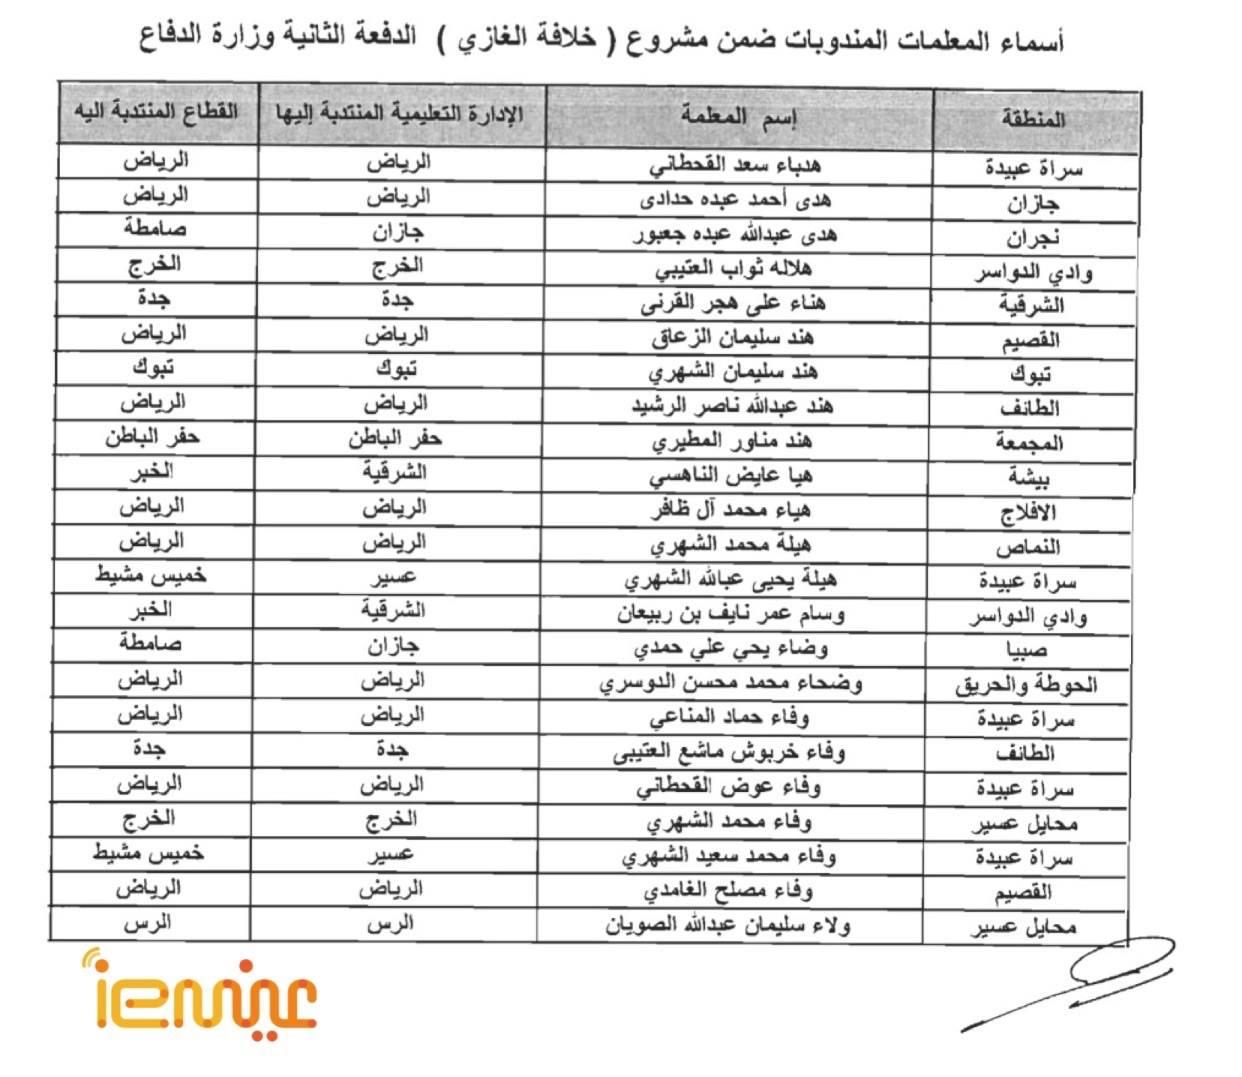 اسماء-معلمات-برنامج-خلافة-الغازي (8)